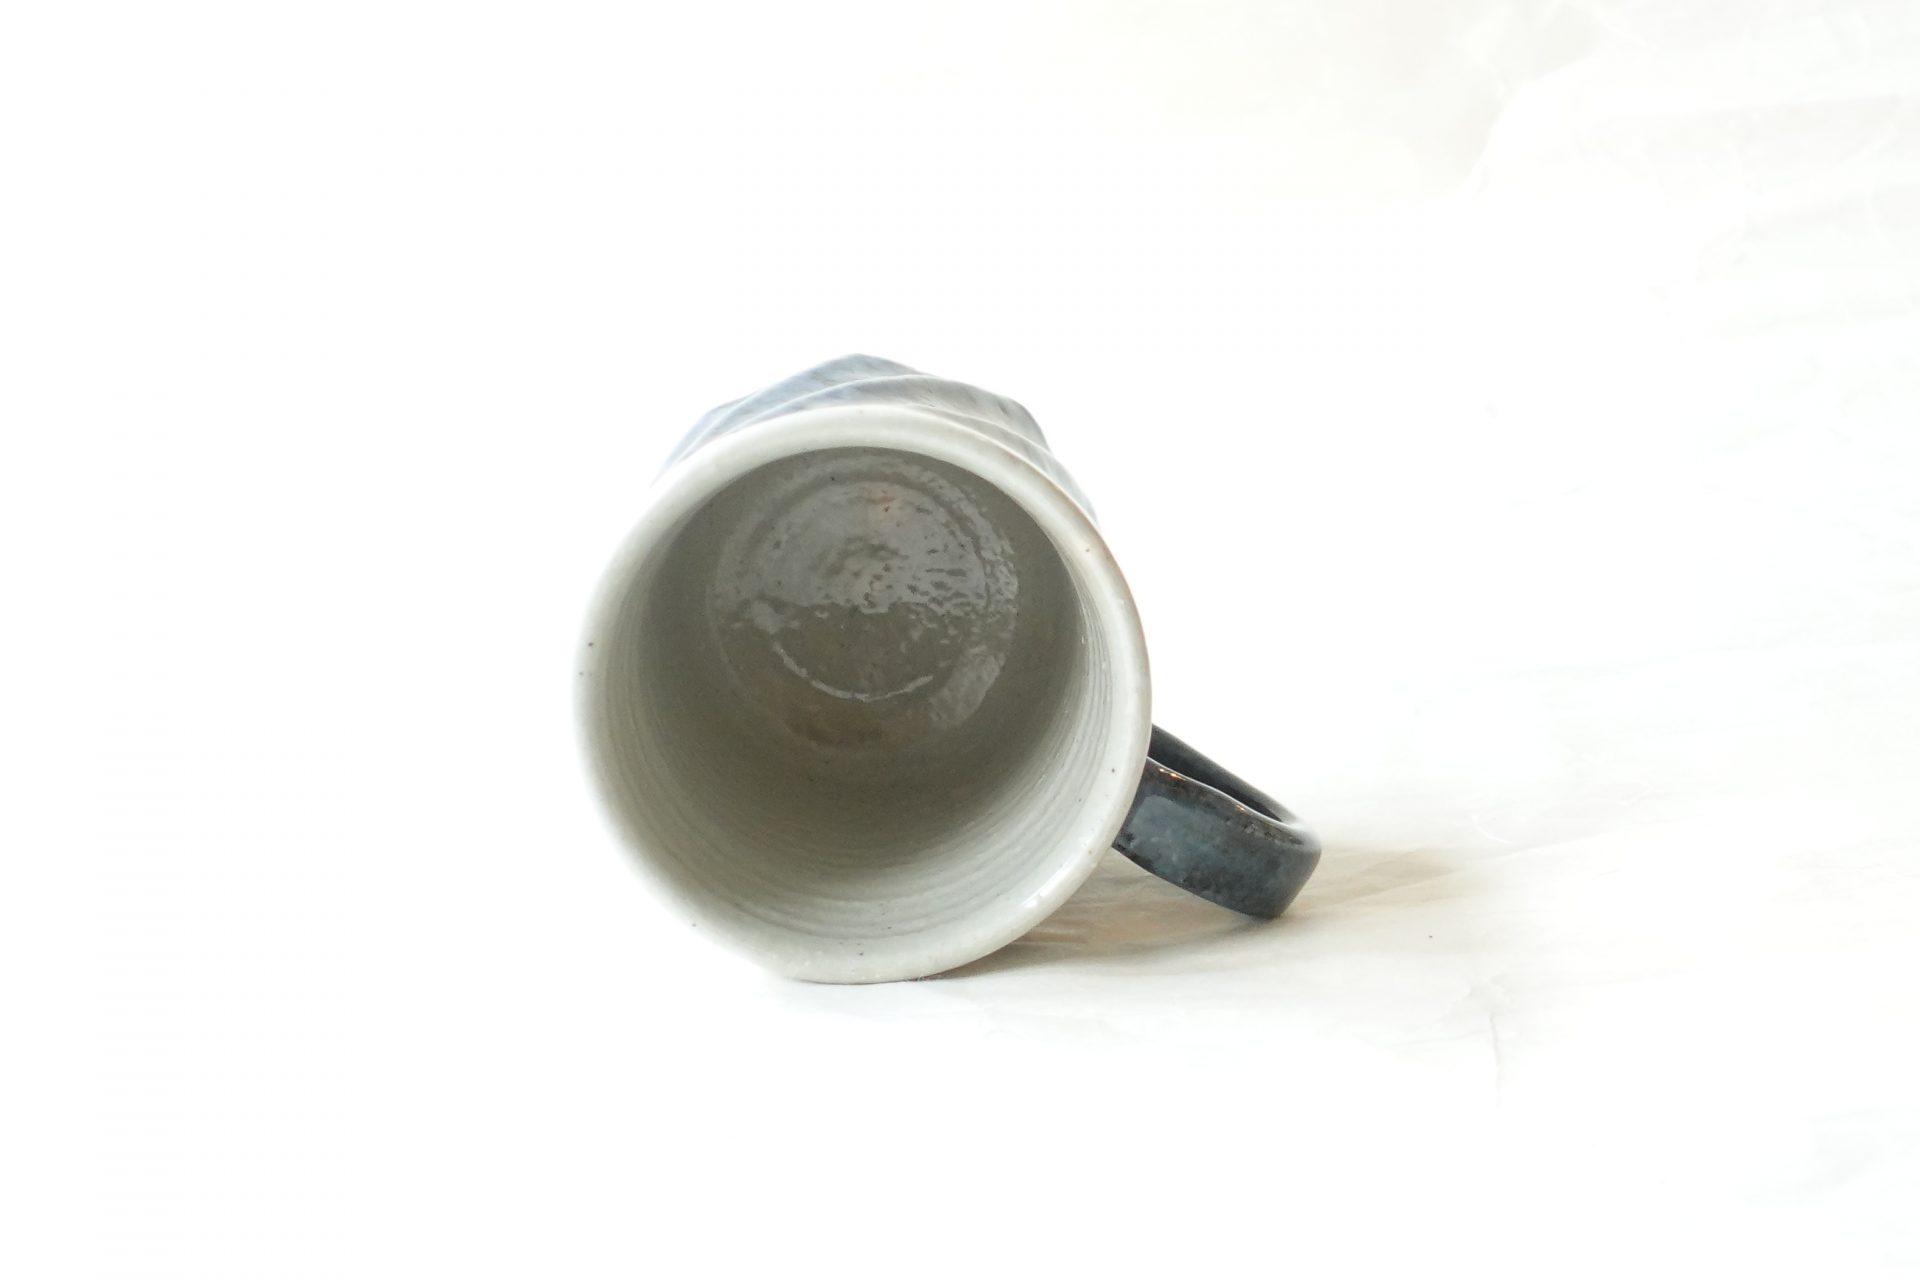 陶器 清水焼 手づくり マグカップ ろくろ挽き 捻り 削ぎ 呉須 ツートン ろくろ目 どっしり 安定 シンプル 飽きの来ない 造形 デザイン 永く使えるマグカップ 扱いやすい